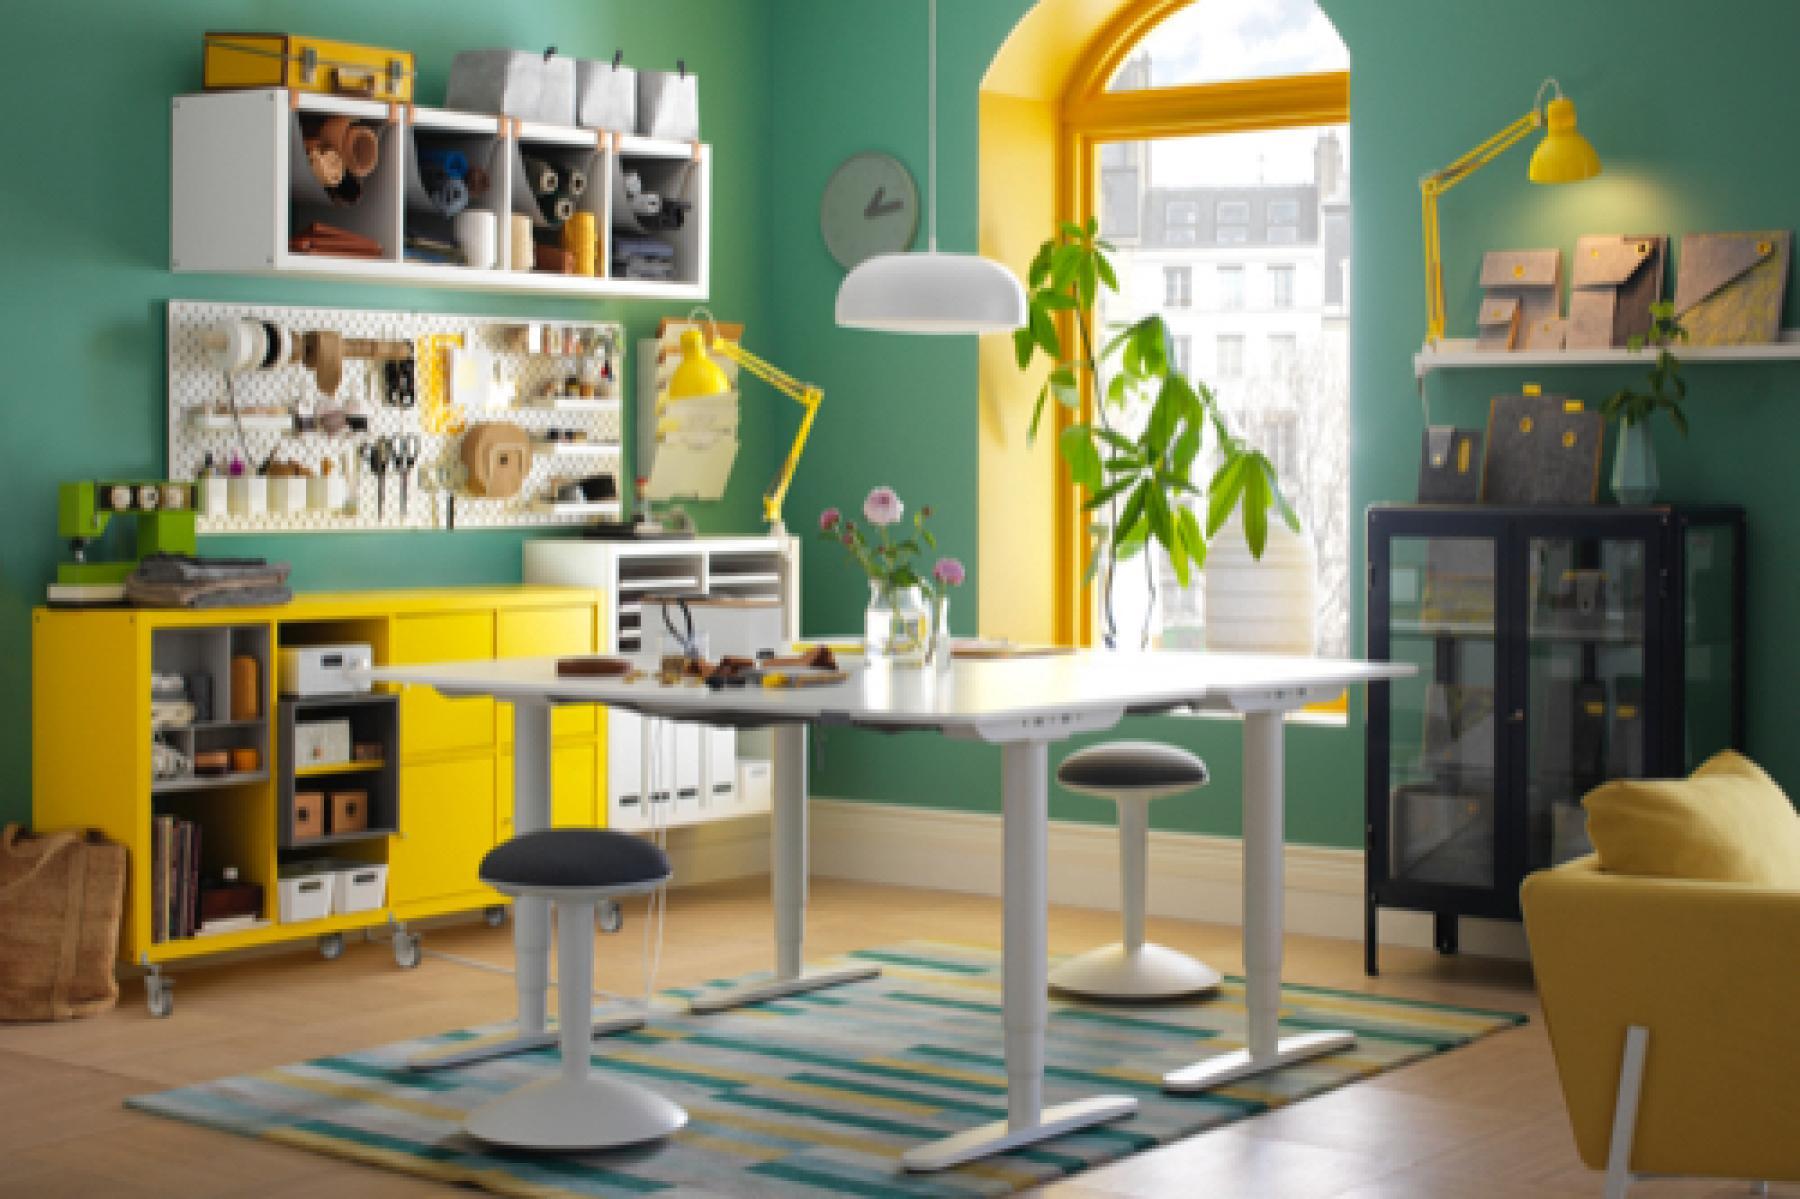 Full Size of Ikea Hauswirtschaftsraum Planen Küche Kostenlos Sofa Mit Schlaffunktion Bad Betten 160x200 Kosten Selber Kleines Bei Badezimmer Kaufen Online Miniküche Wohnzimmer Ikea Hauswirtschaftsraum Planen